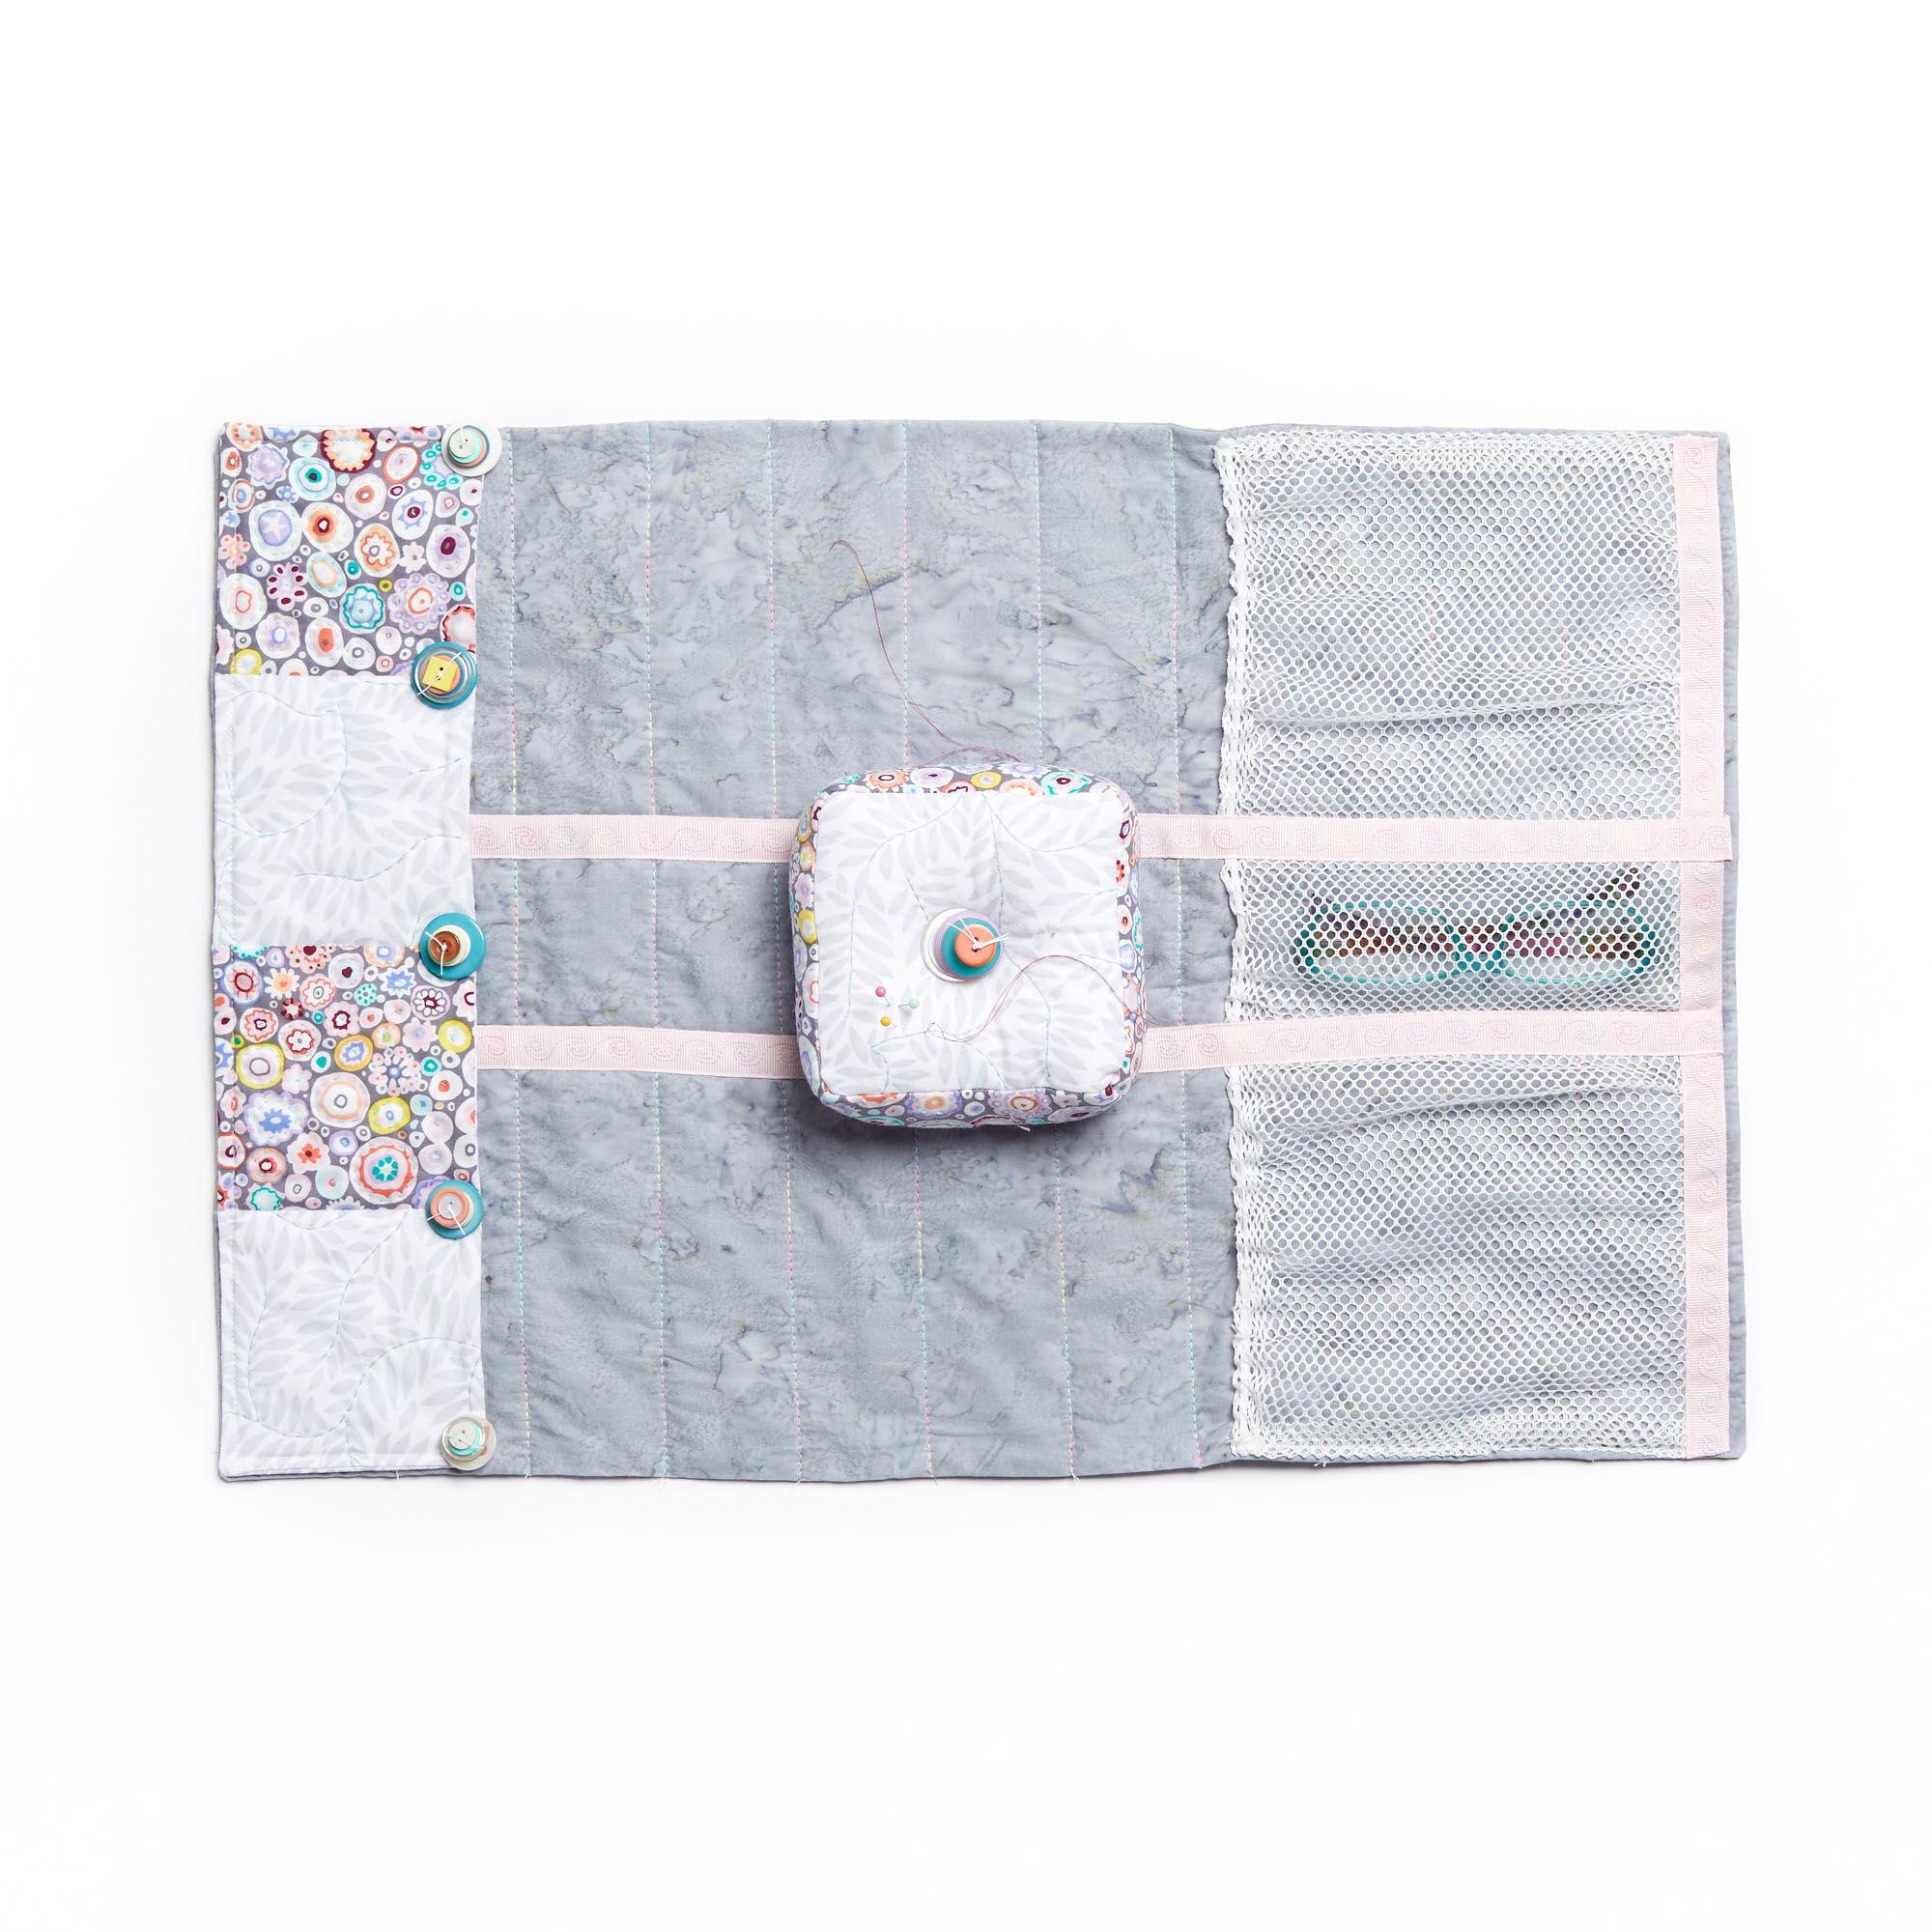 Coats & Clark Armchair Pin Cushion | Yarnspirations